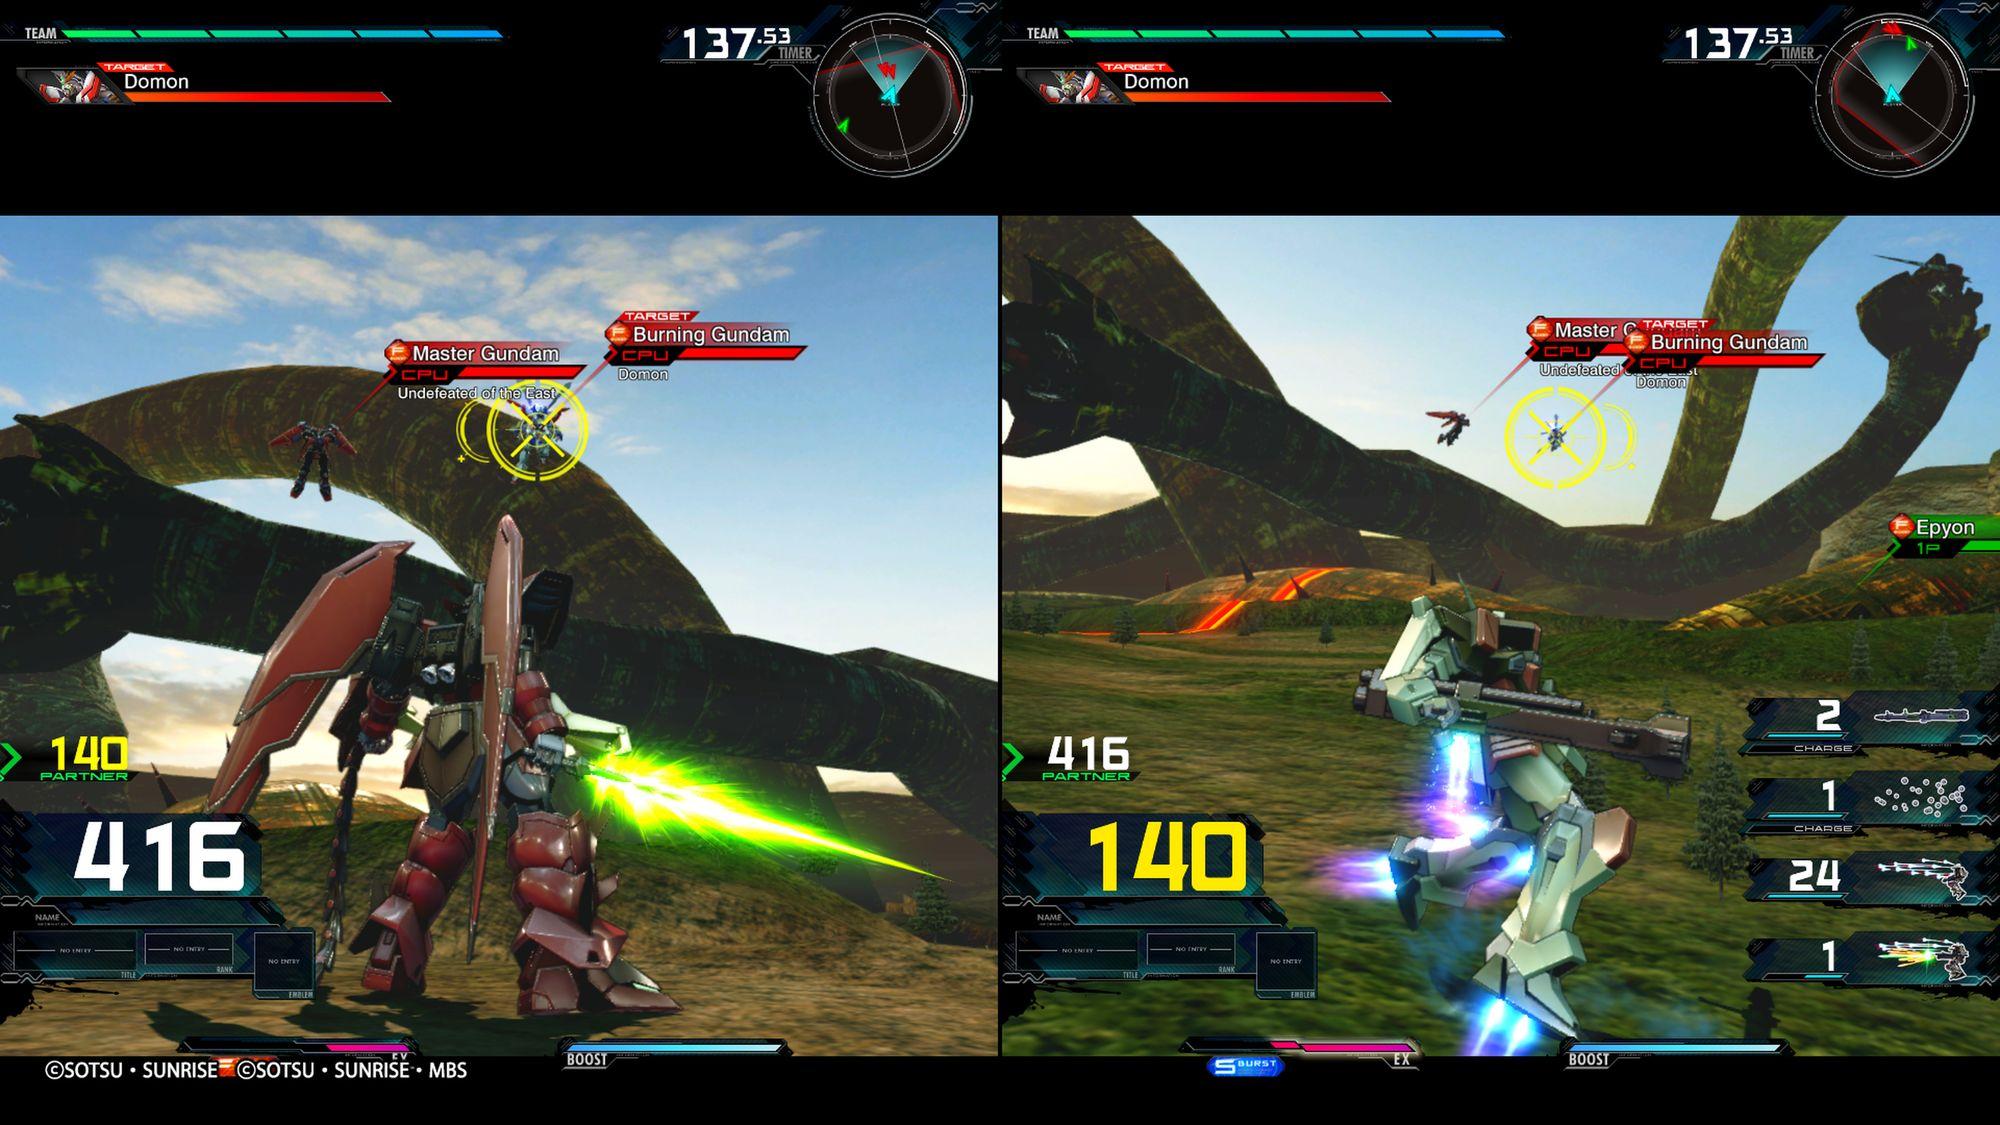 Epyon Gundam e Buster Gundam